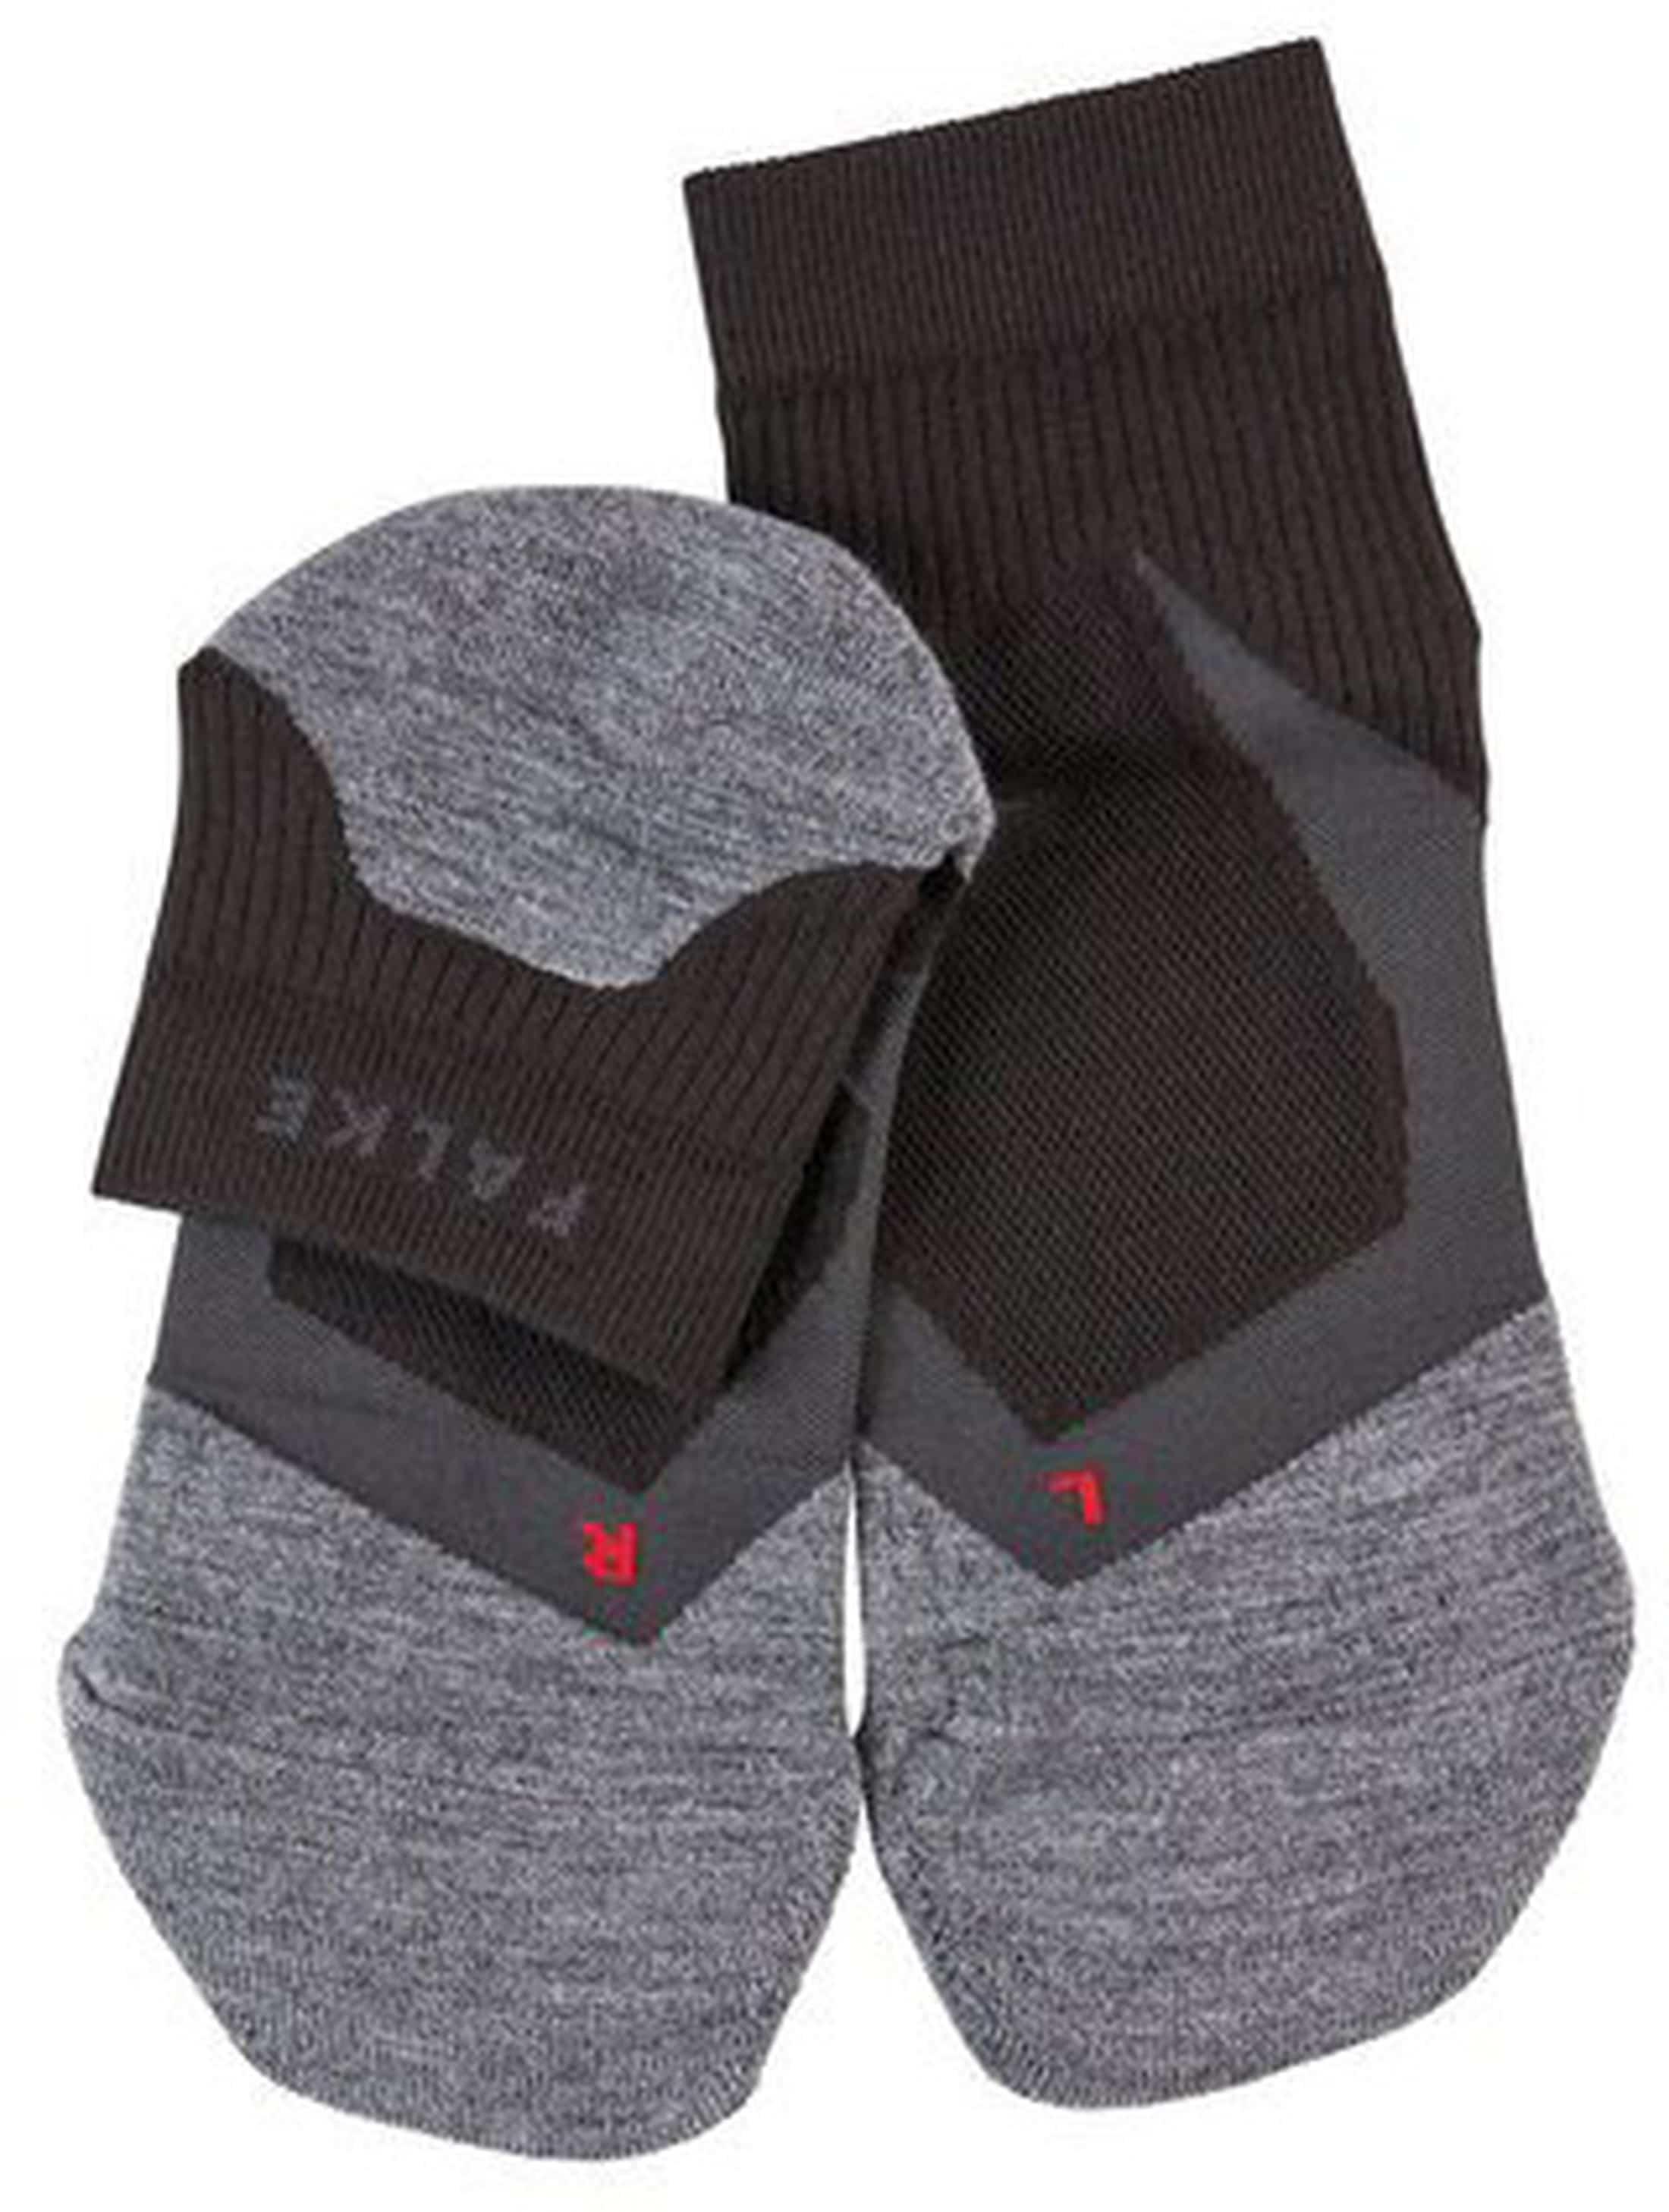 Falke RU4 Cool Short Socken Schwarz foto 1